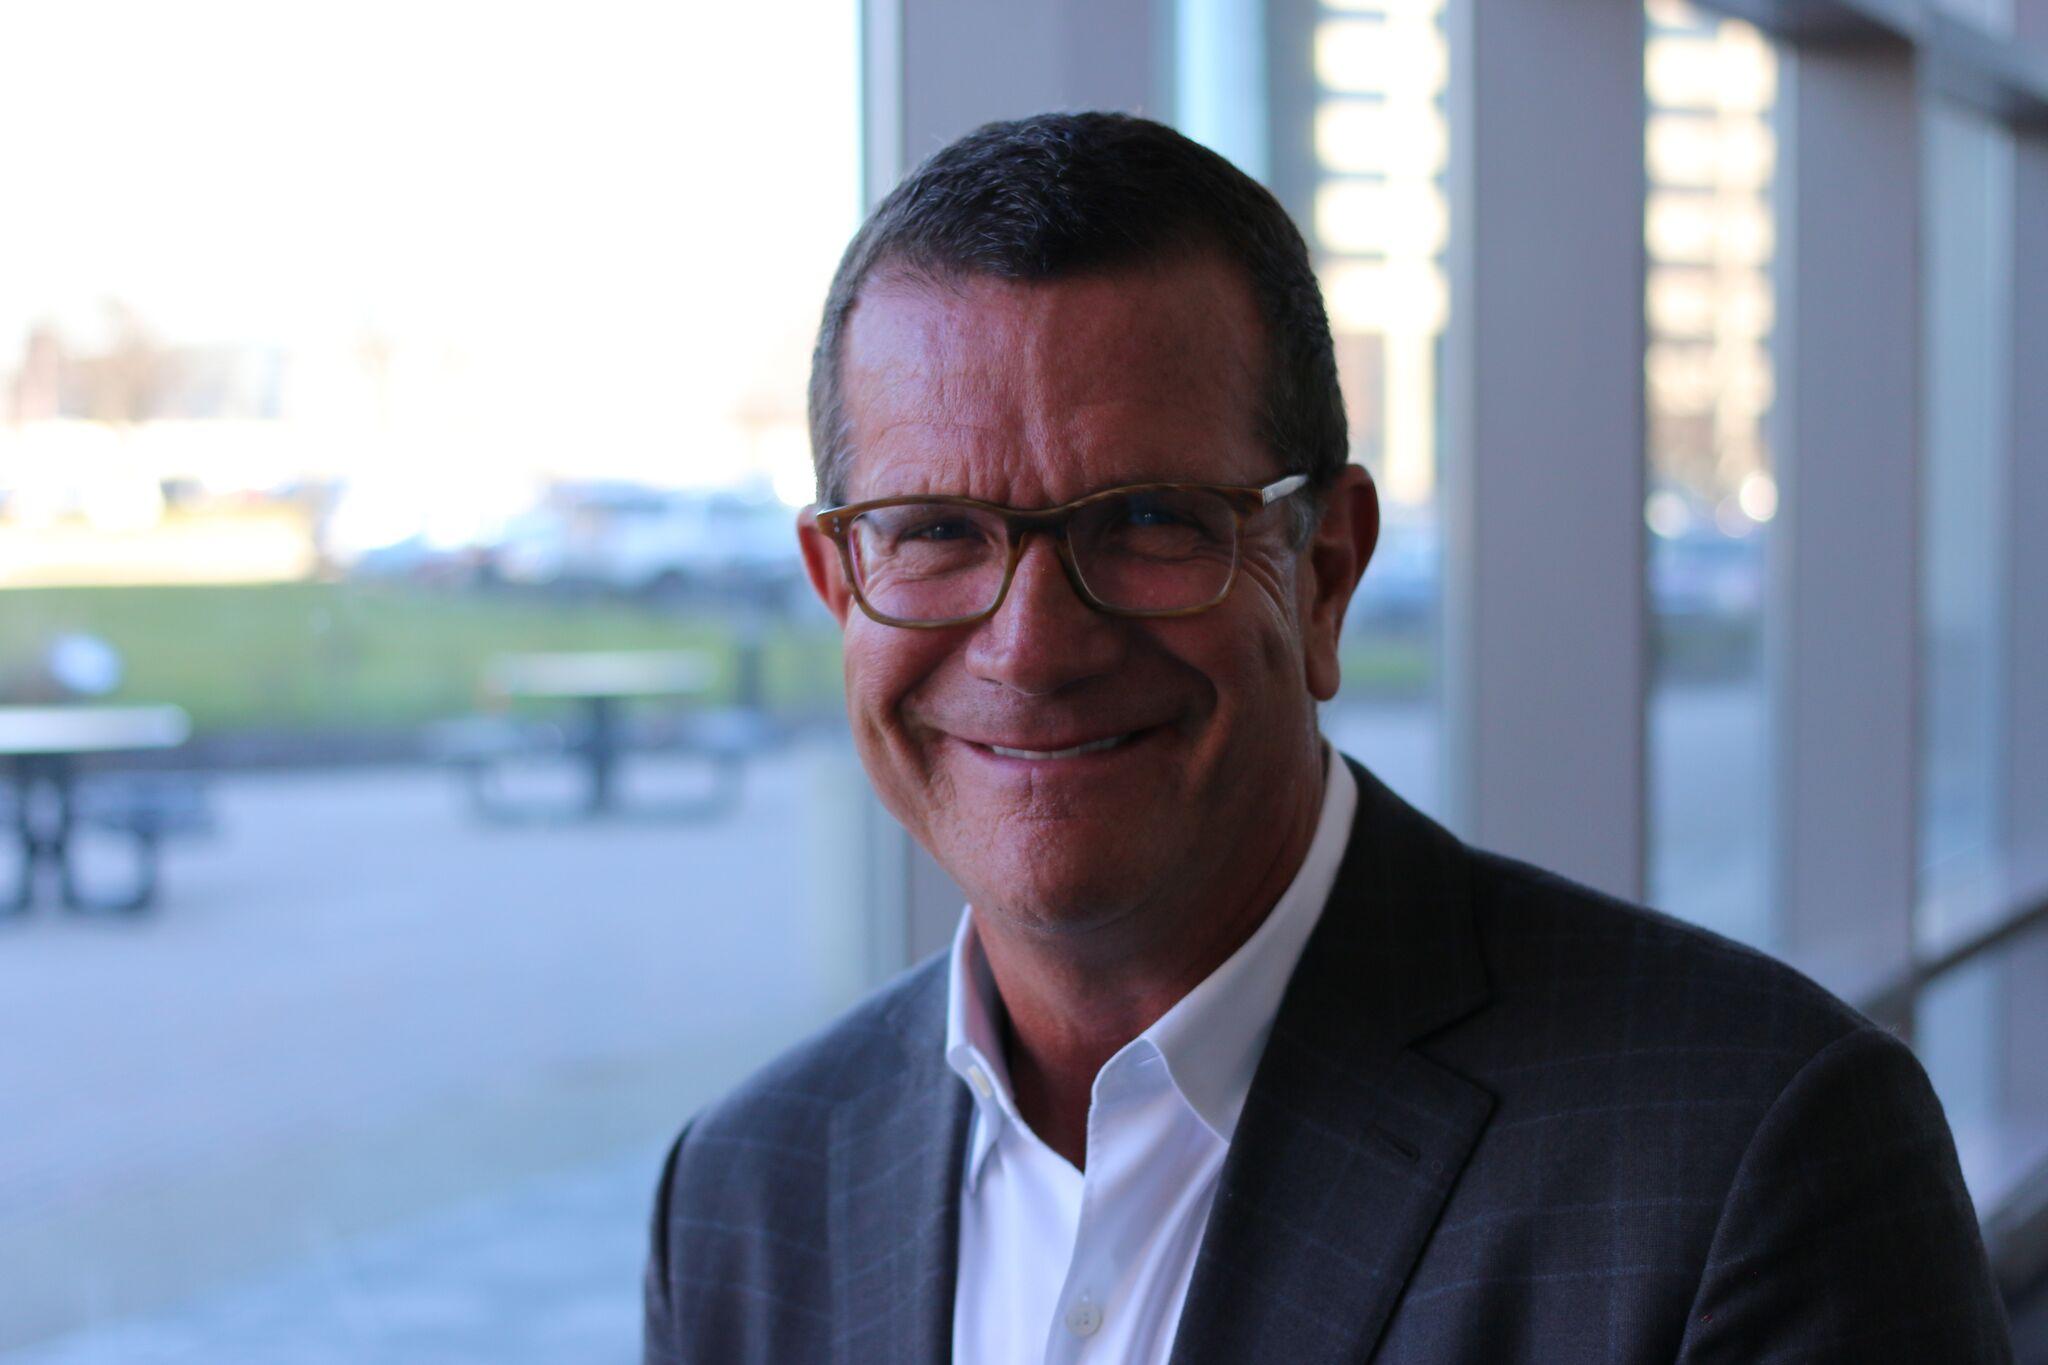 Jim Bremner